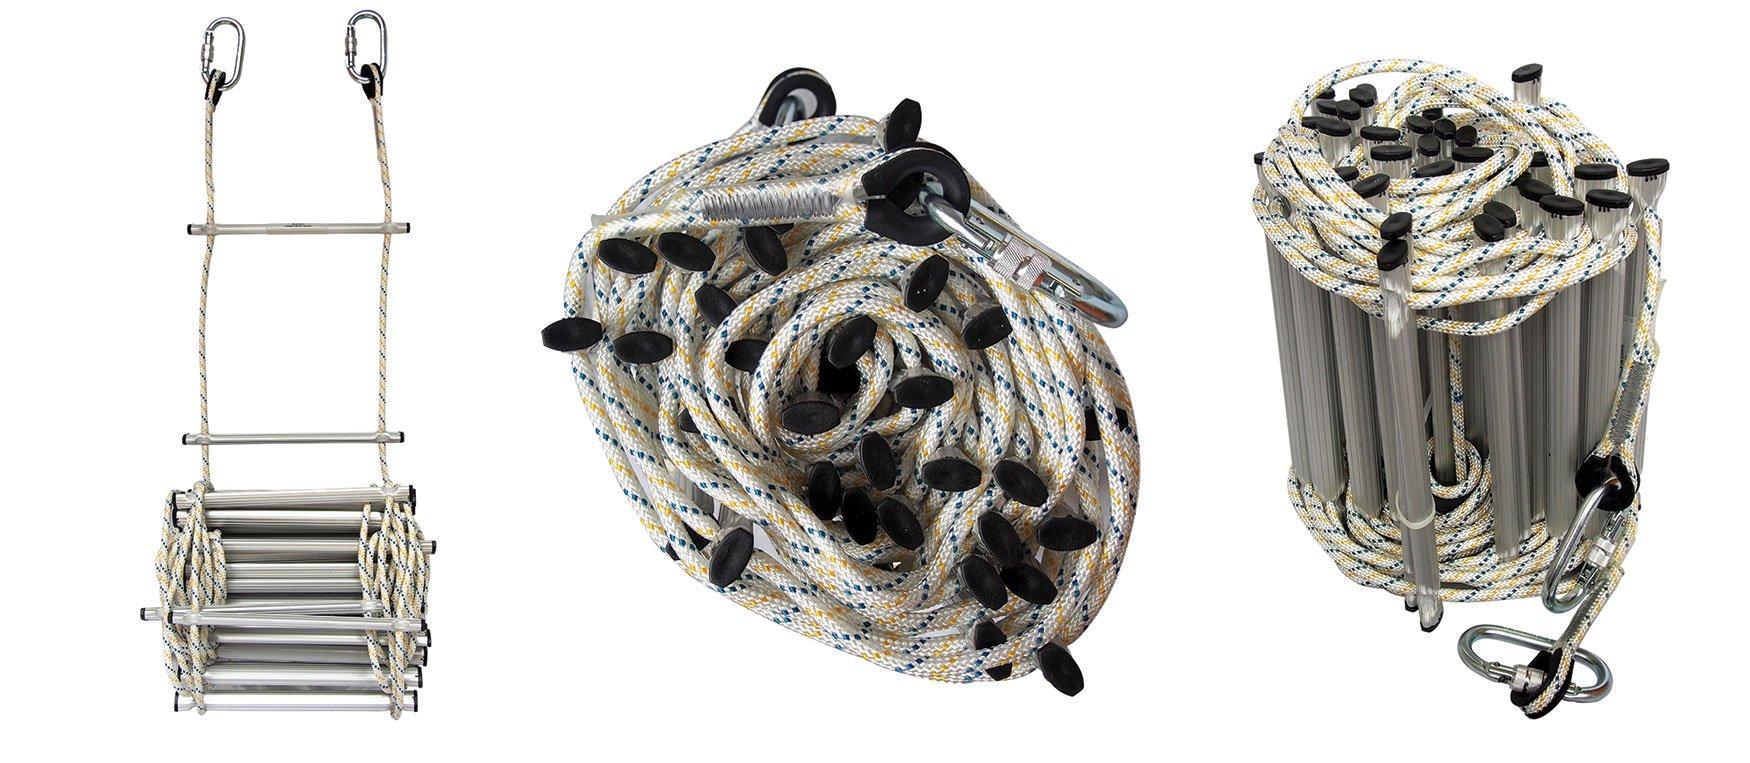 Echelles de corde et de câble